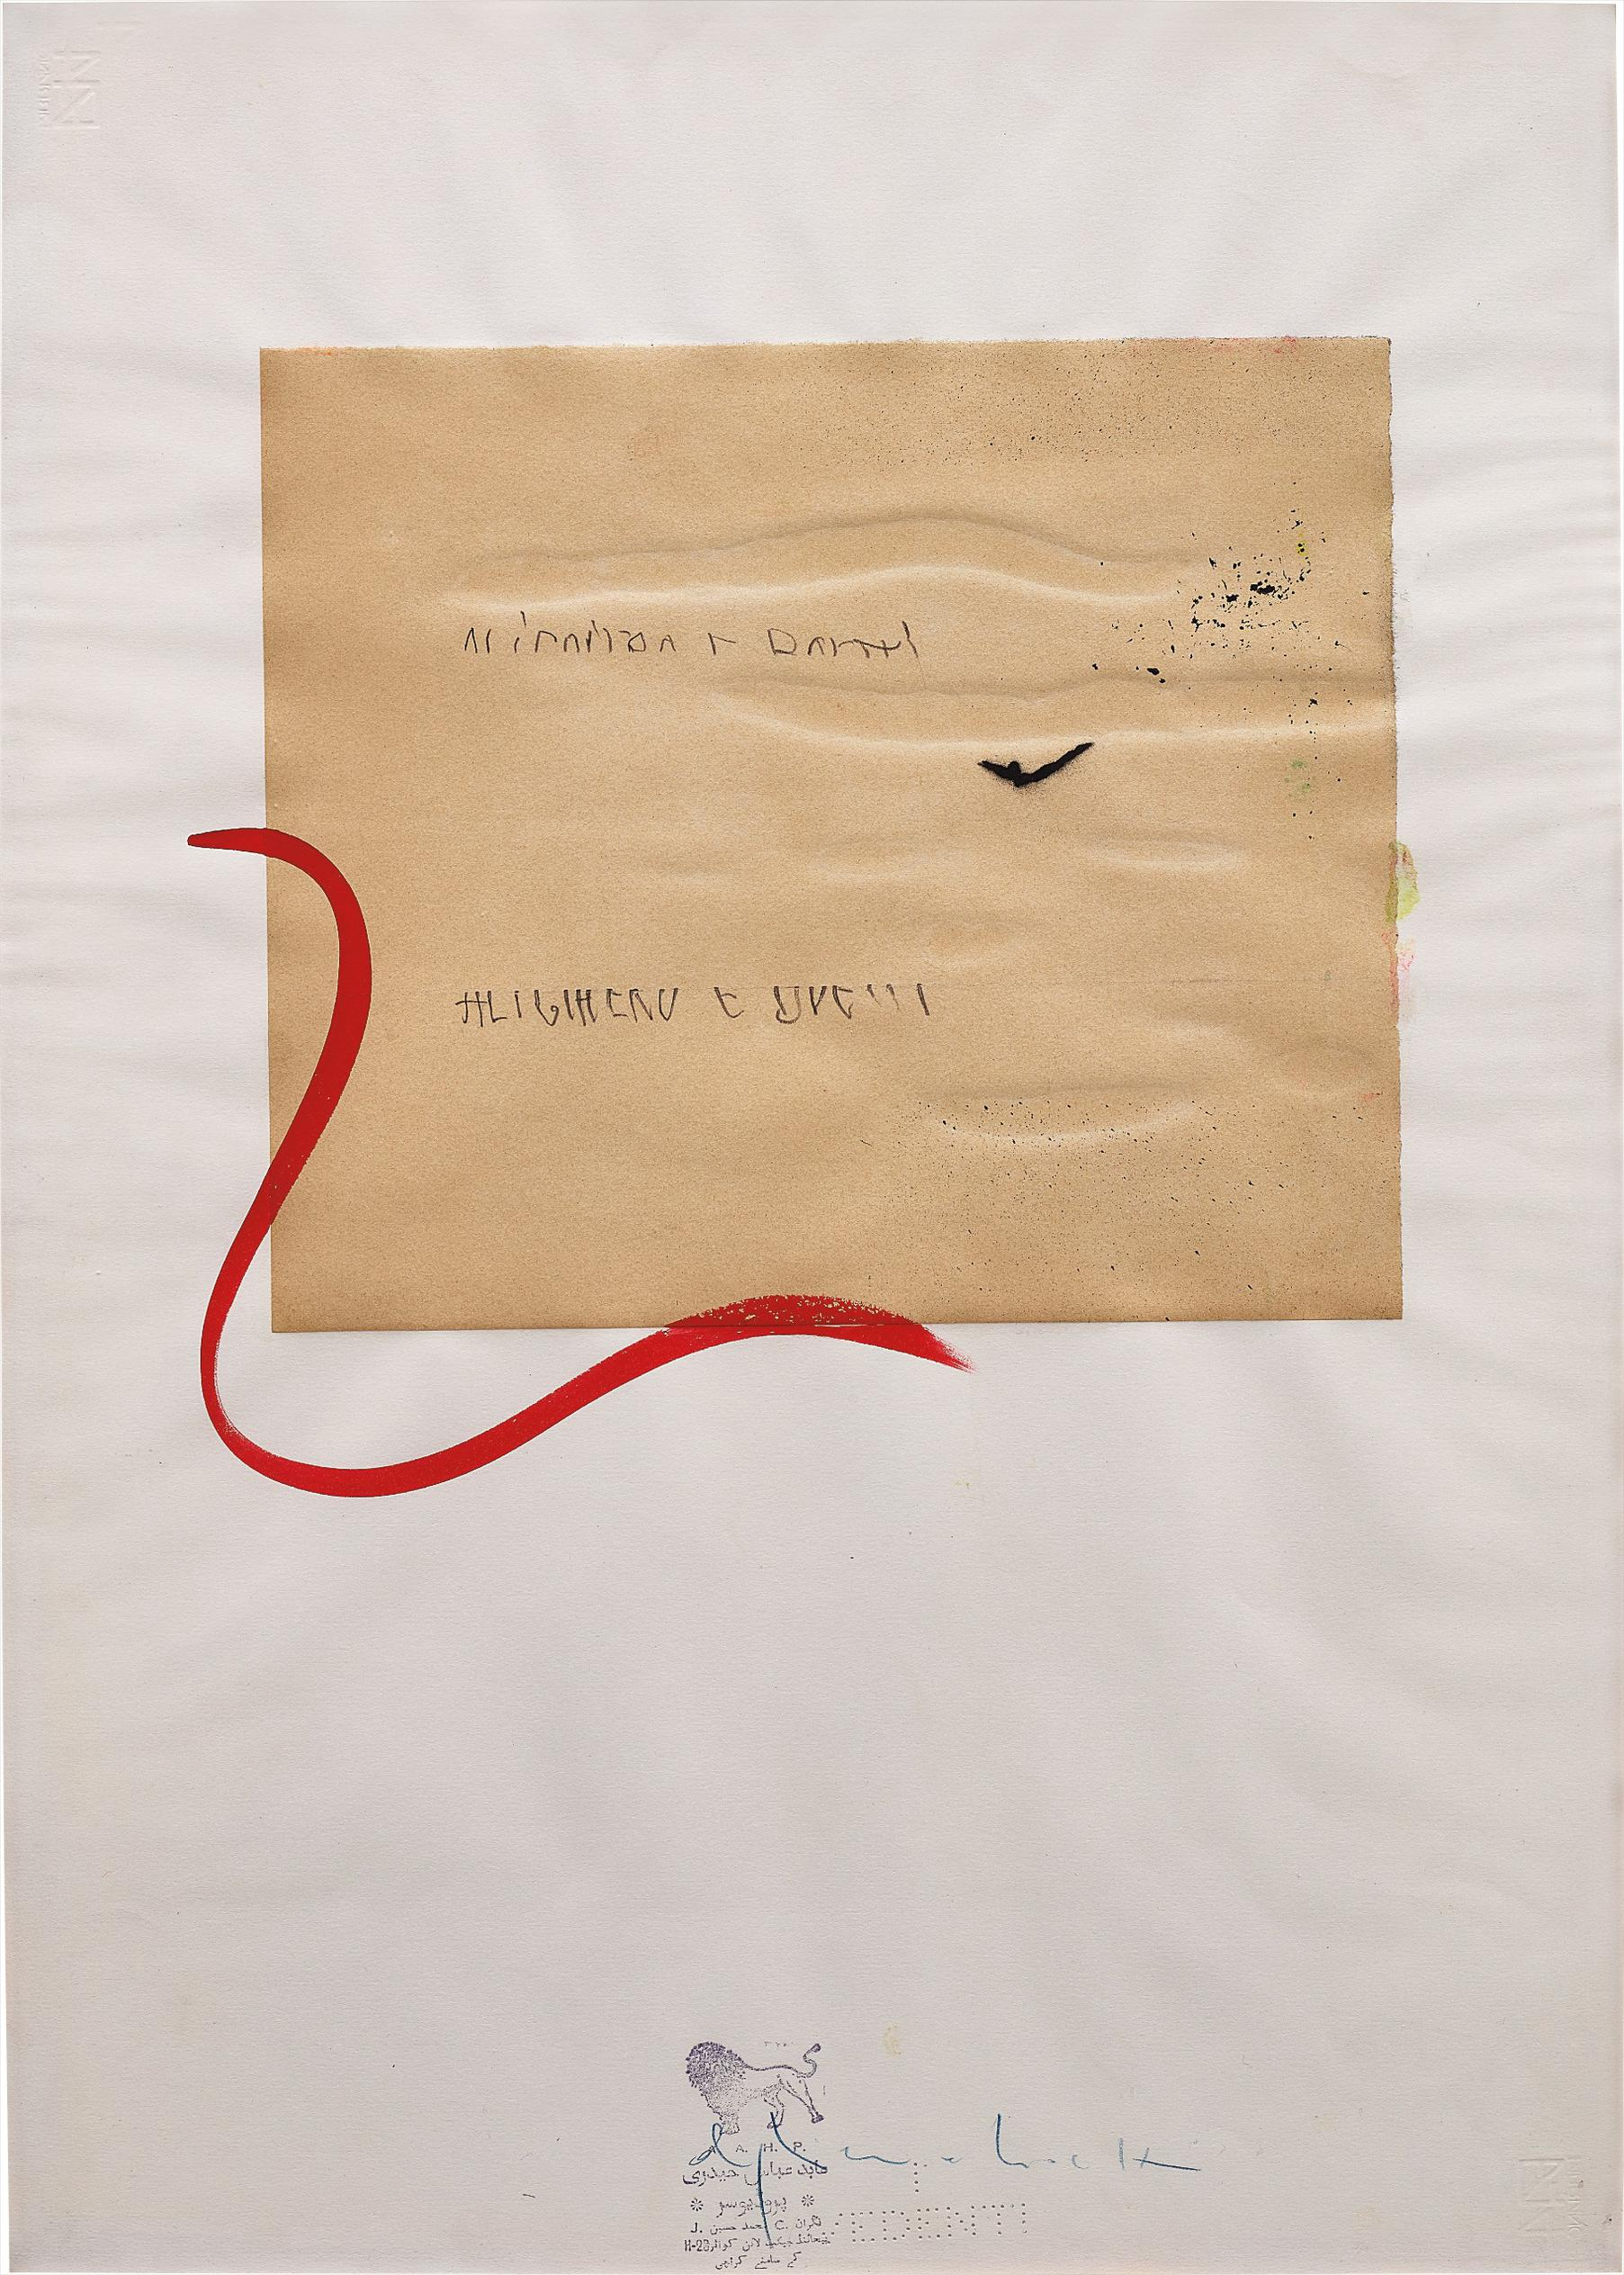 Alighiero Boetti-Senza Titolo (Alighiero E Boetti)-1986